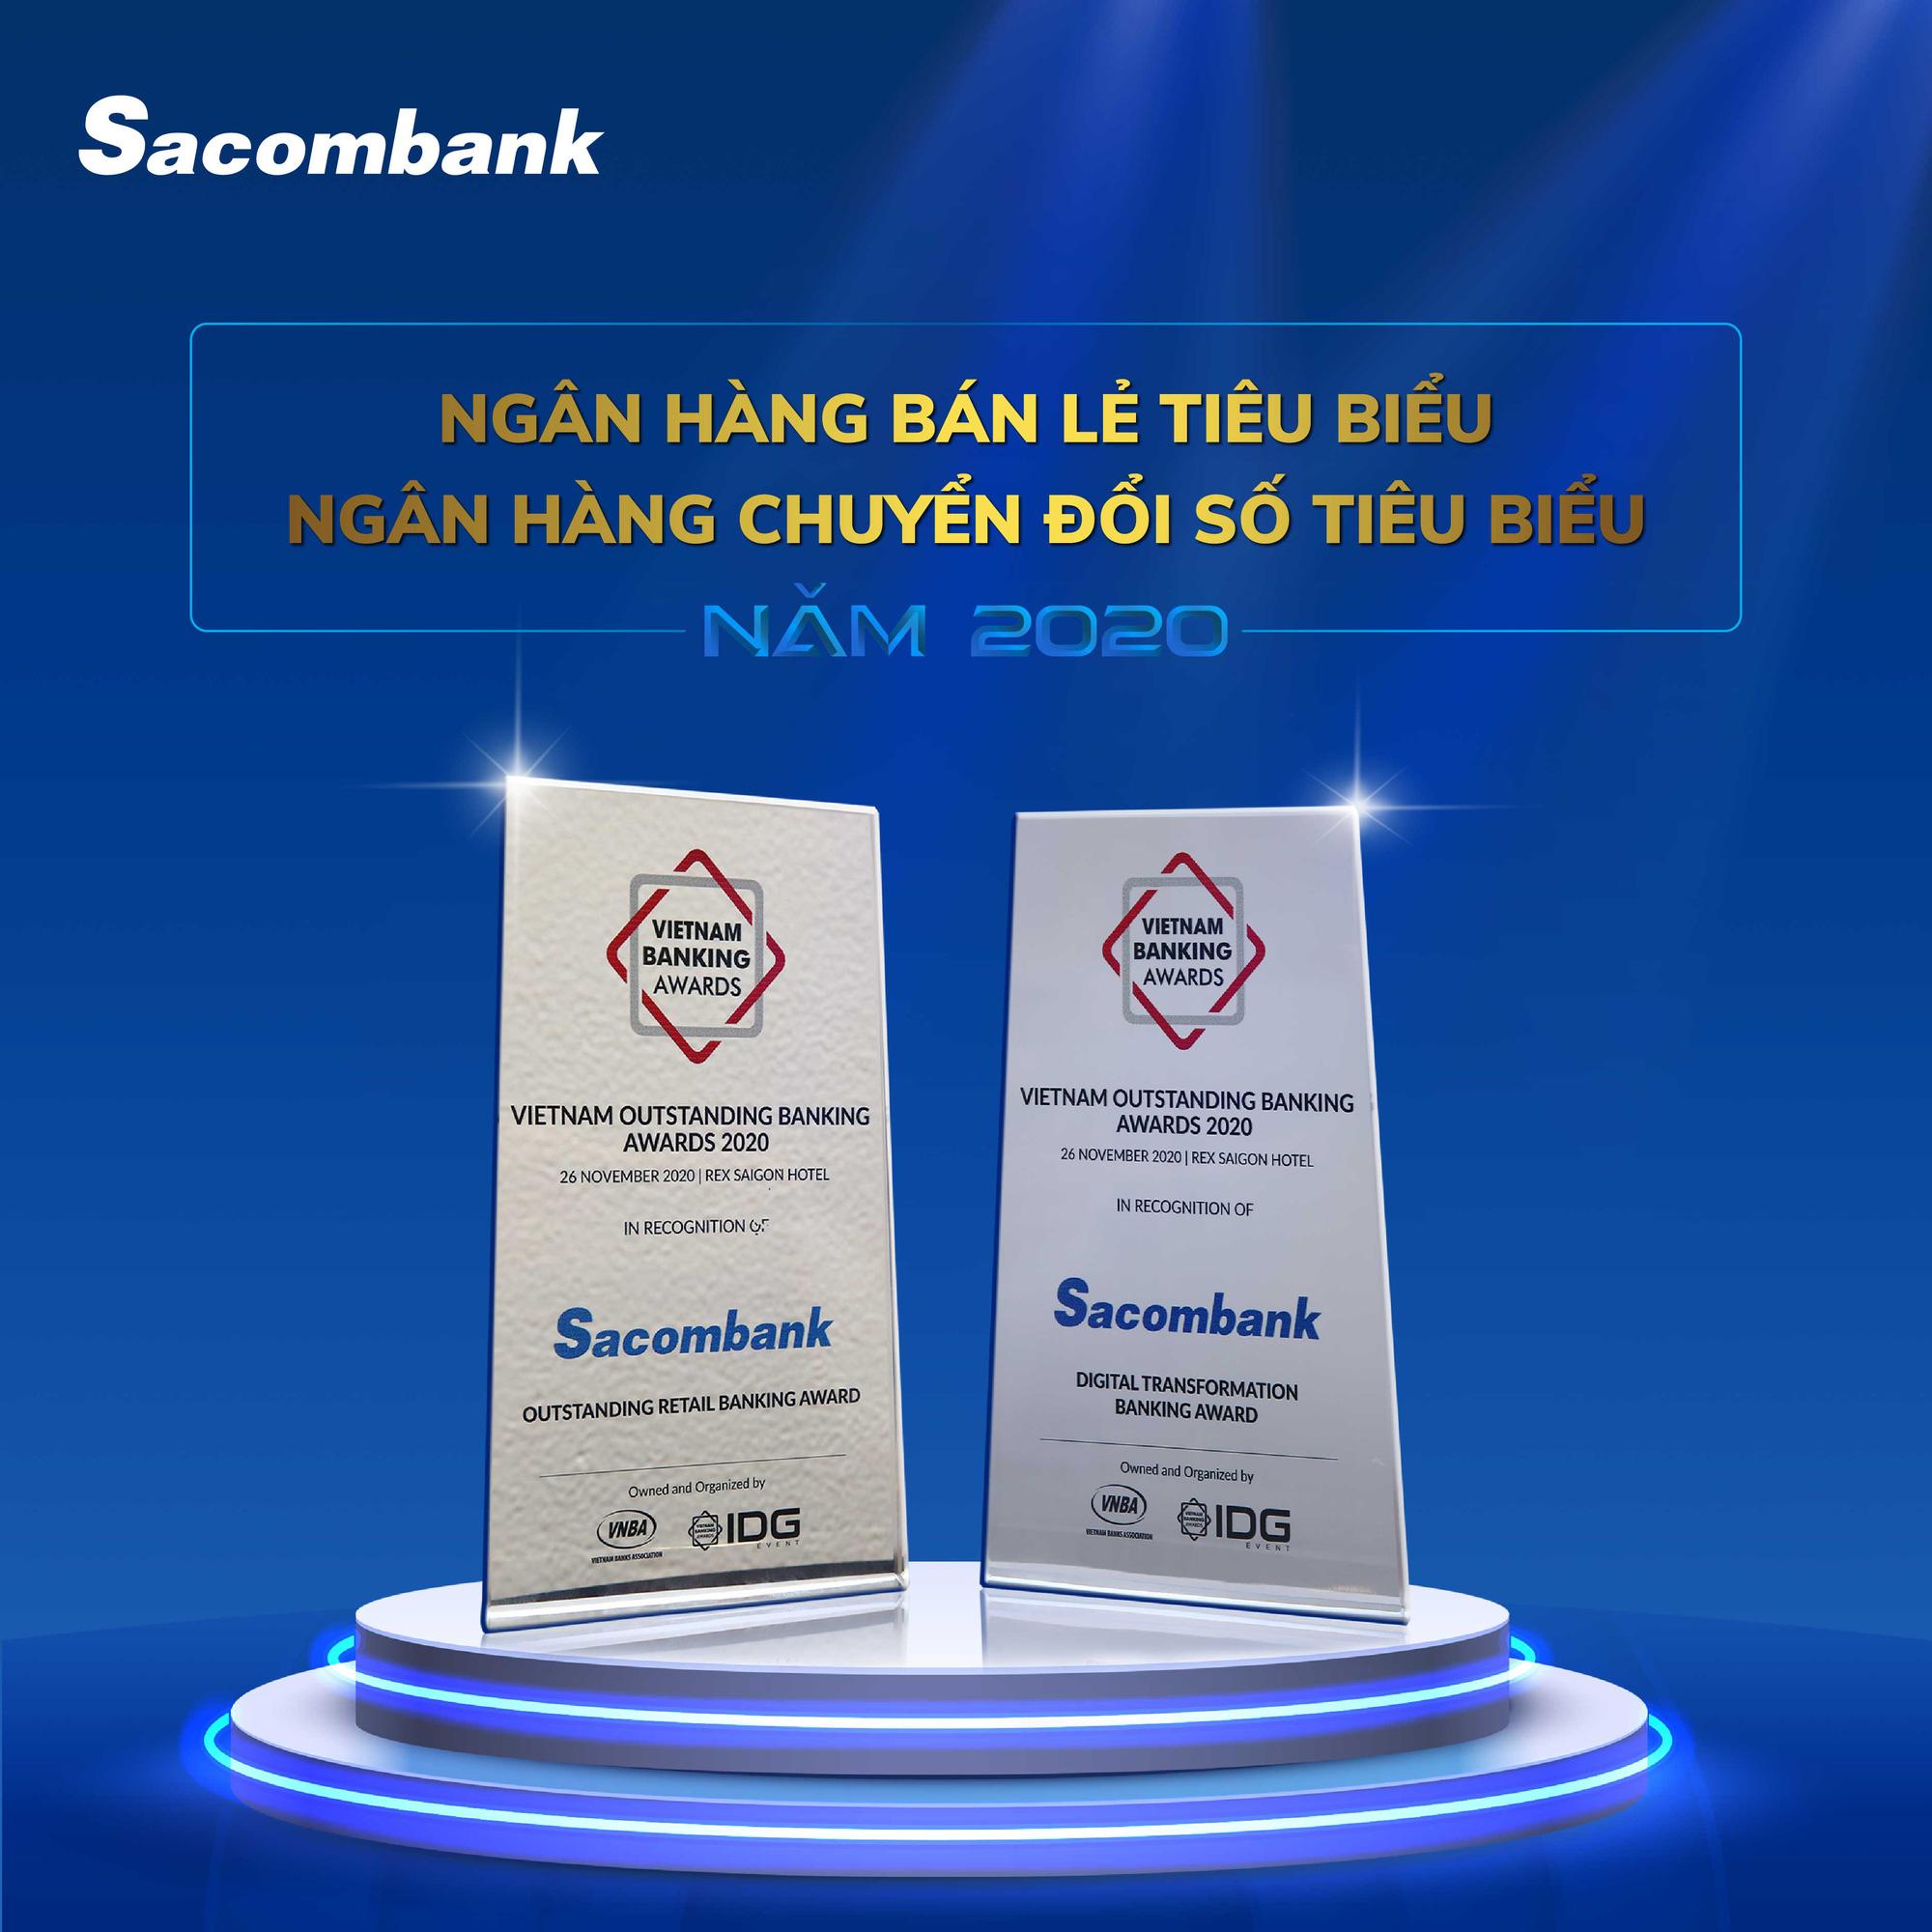 Sacombank nhận 2 giải thưởng về bán lẻ và chuyển đổi số - Ảnh 2.